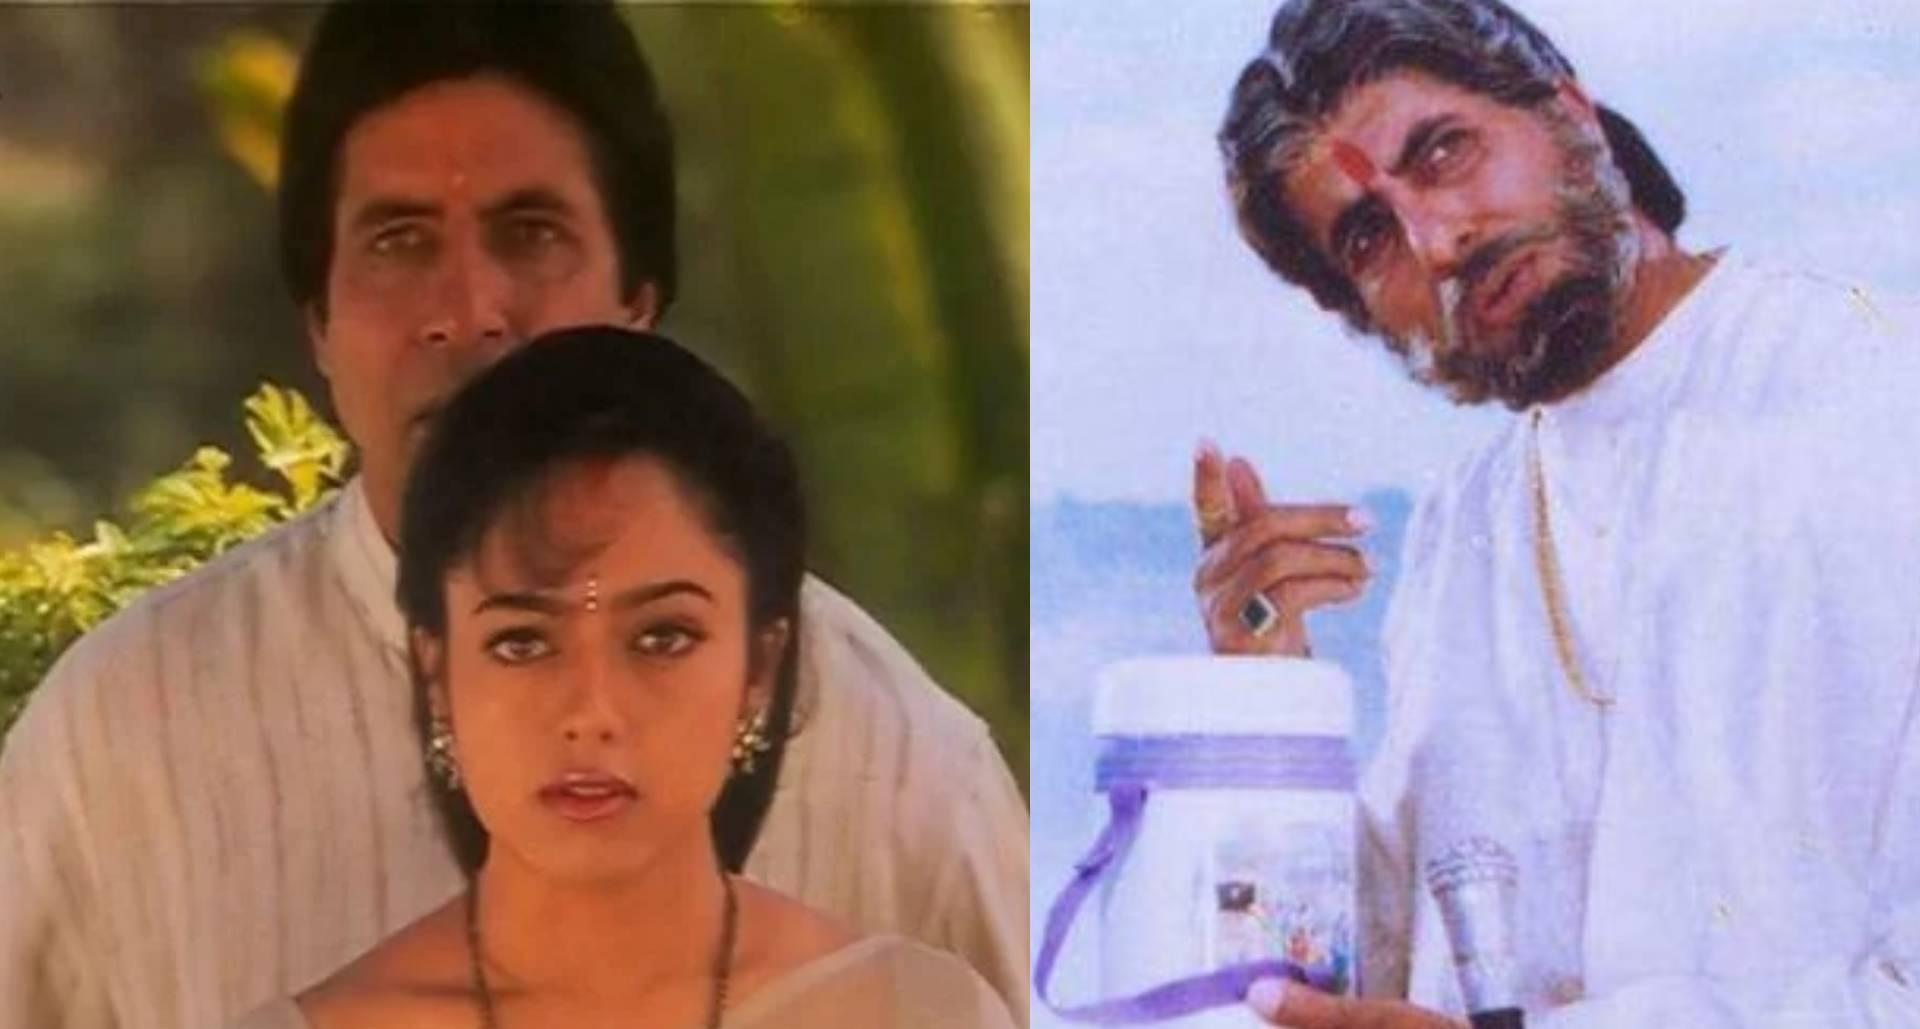 अमिताभ बच्चन की सूर्यवंशम को हुए 20 साल पूरे, फिल्म को लेकर सोशल मीडिया पर मैसेज और मीम्स की बाढ़